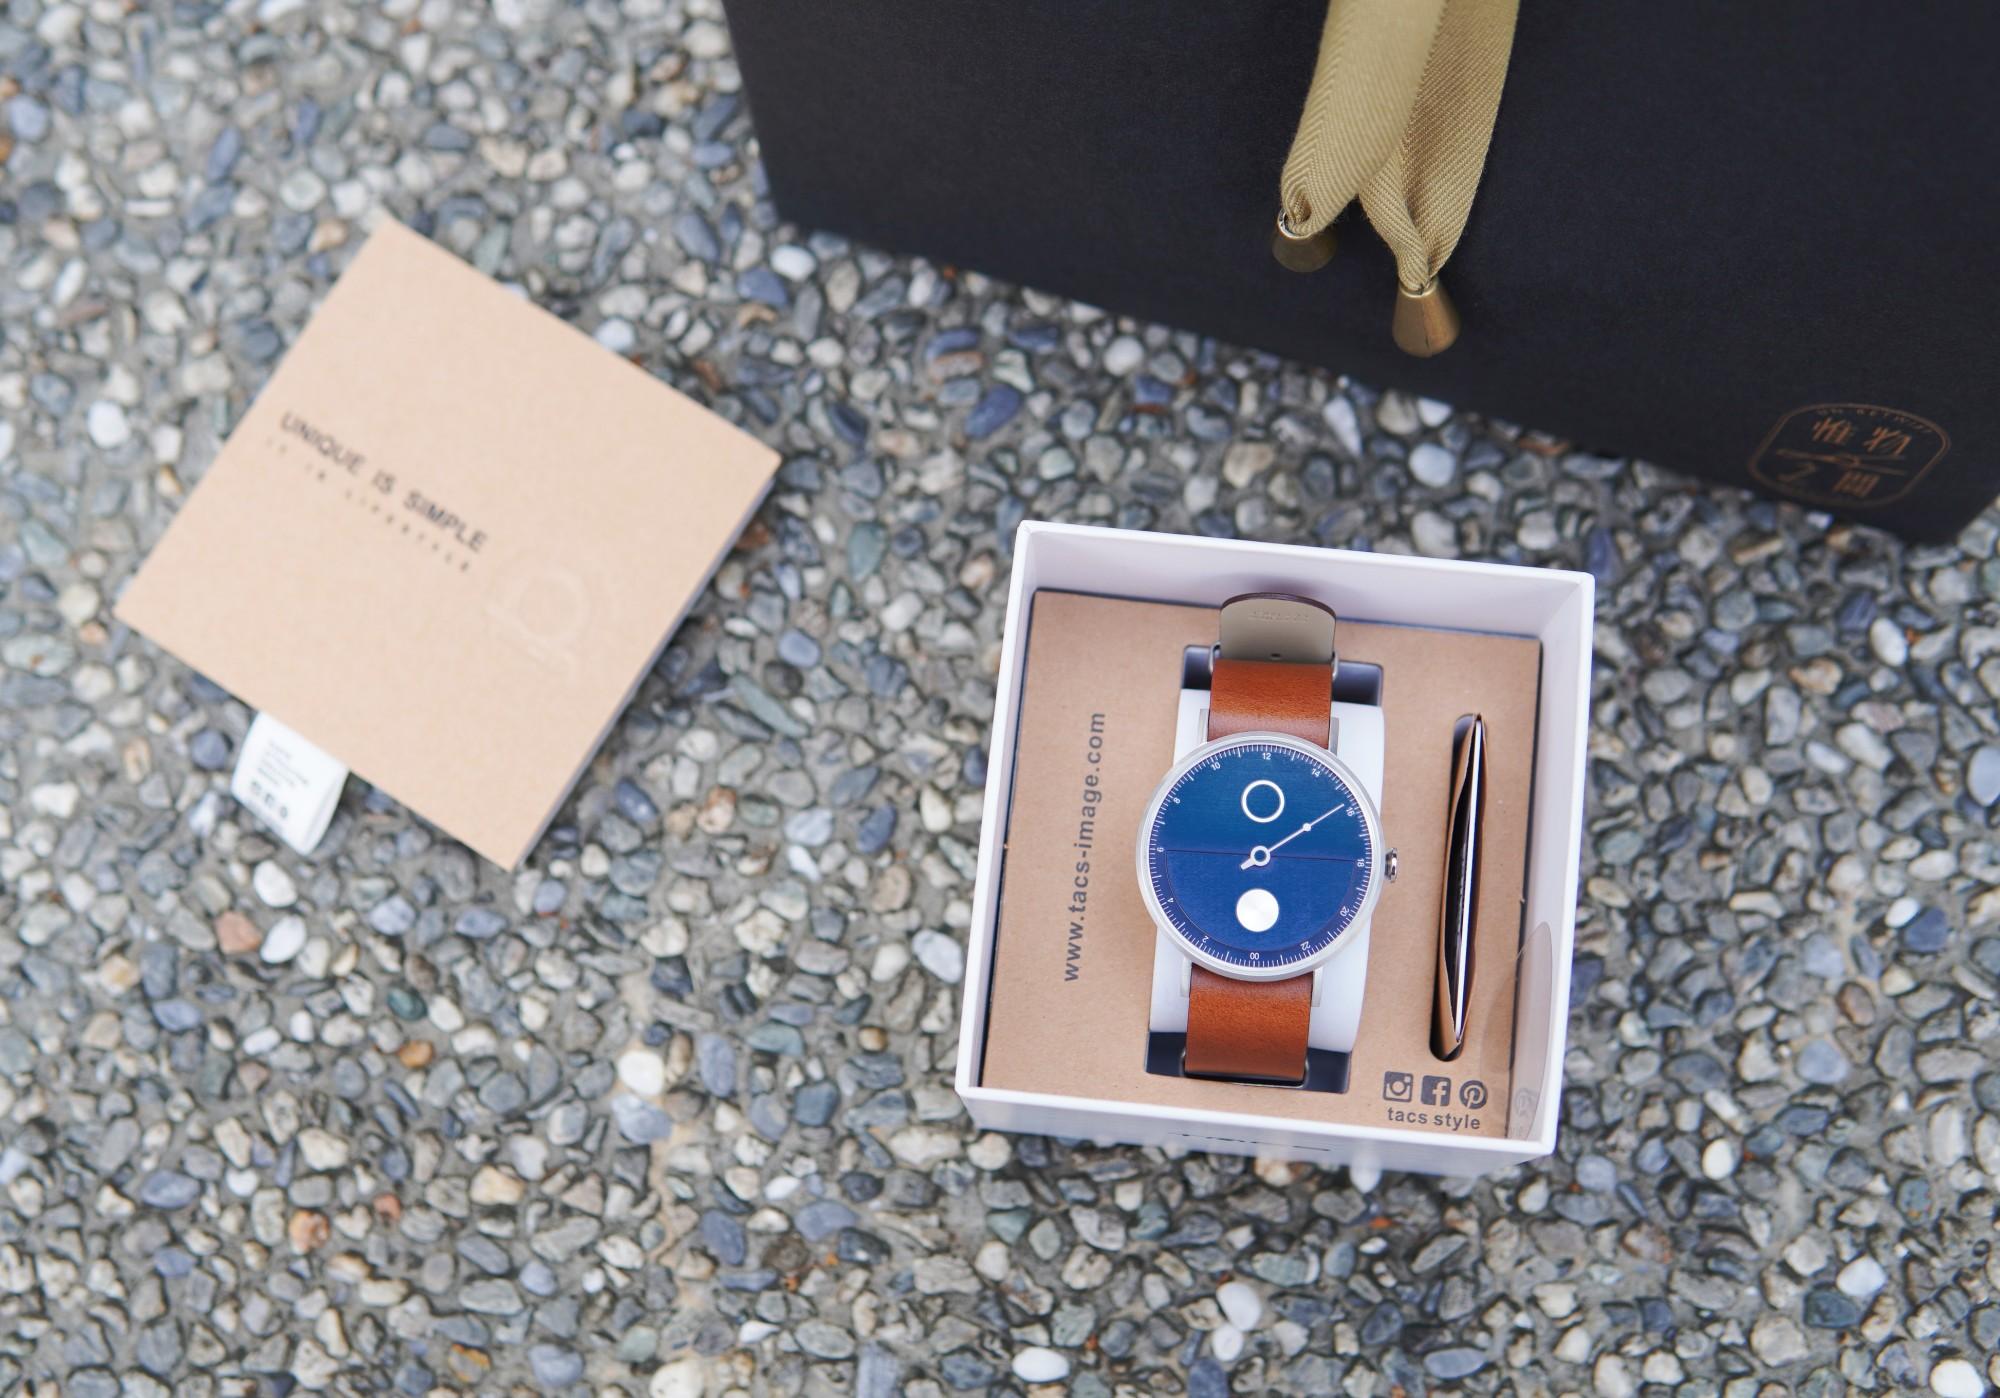 ☆【精品】TACS 晝與夜DAY & NIGHT-日暮藍。設計師手錶開箱 @凱的日本食尚日記